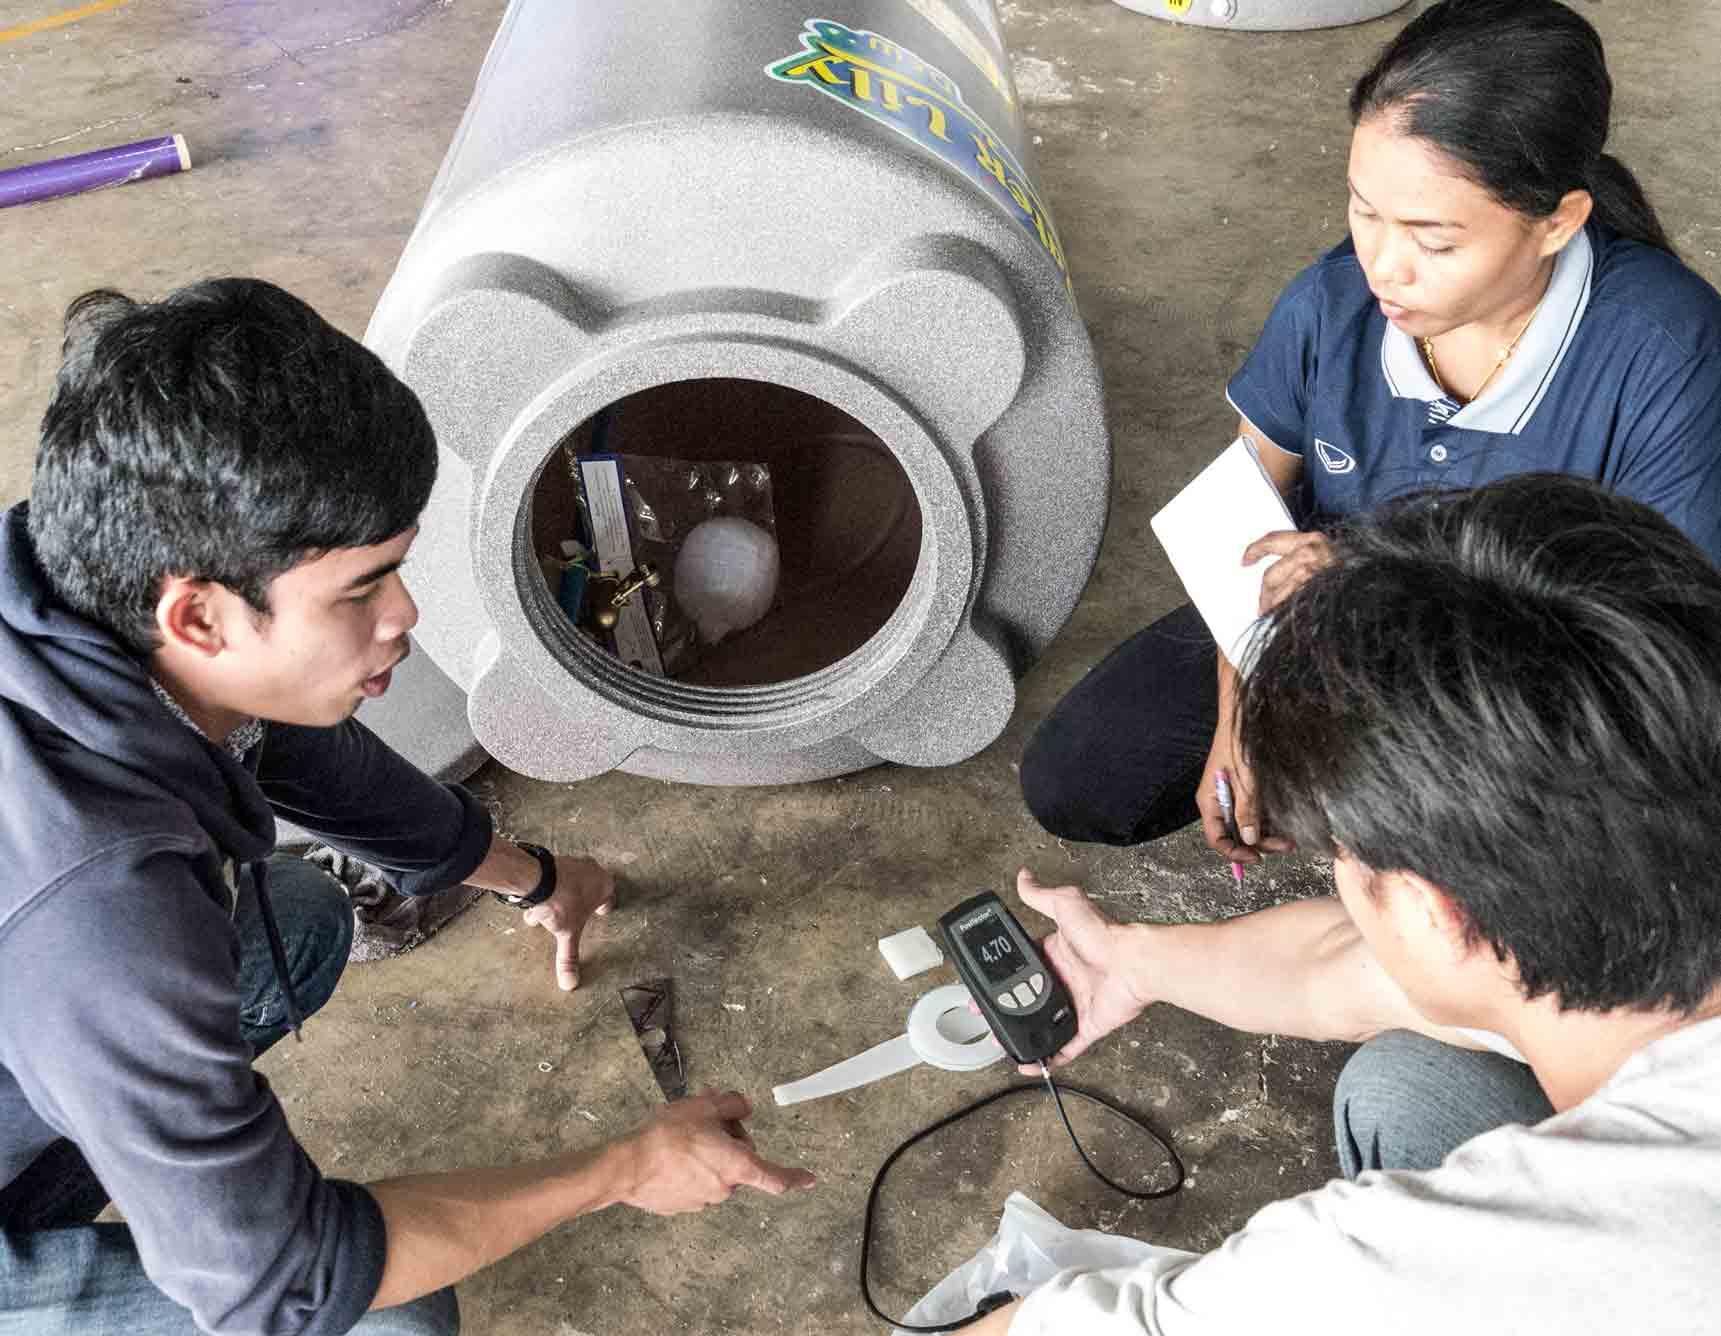 แนะนำการใช้งานเครื่องวัดความหนา ให้กับโรงงานทำถังน้ำ